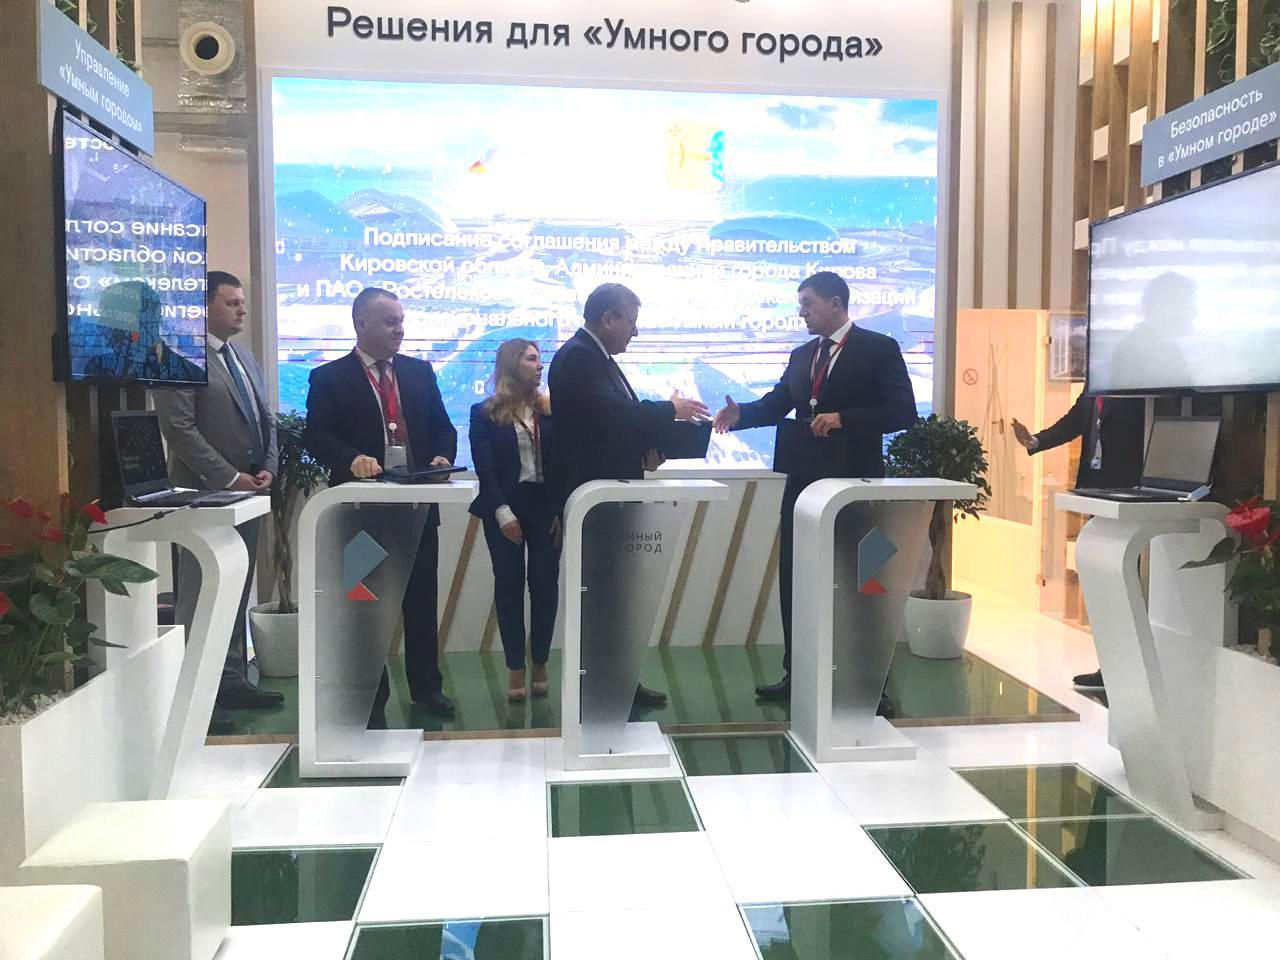 «Ростелеком», правительство Кировской области и администрация города Кирова создадут «Умный город»